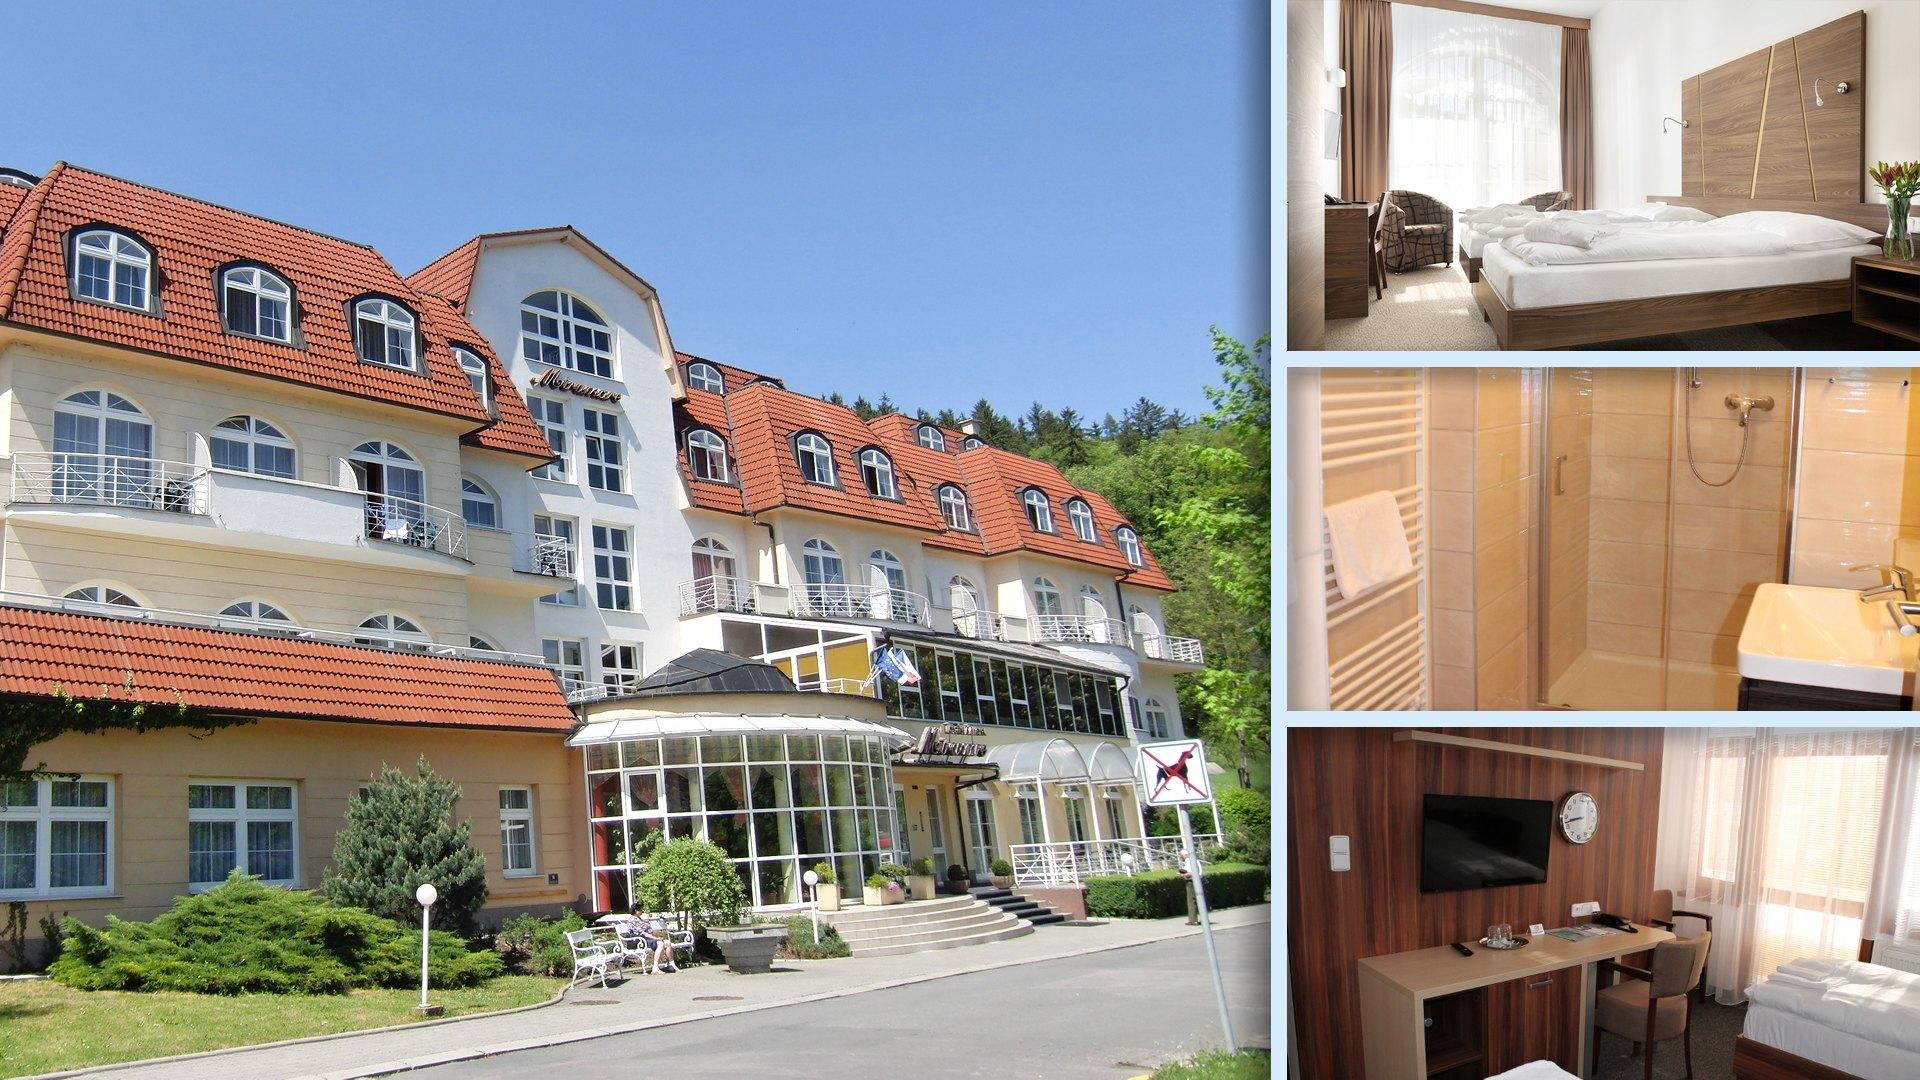 Lázeňský hotel Miramare Luhačovice - Vysoký standard a všechny služby pod jednou střechou